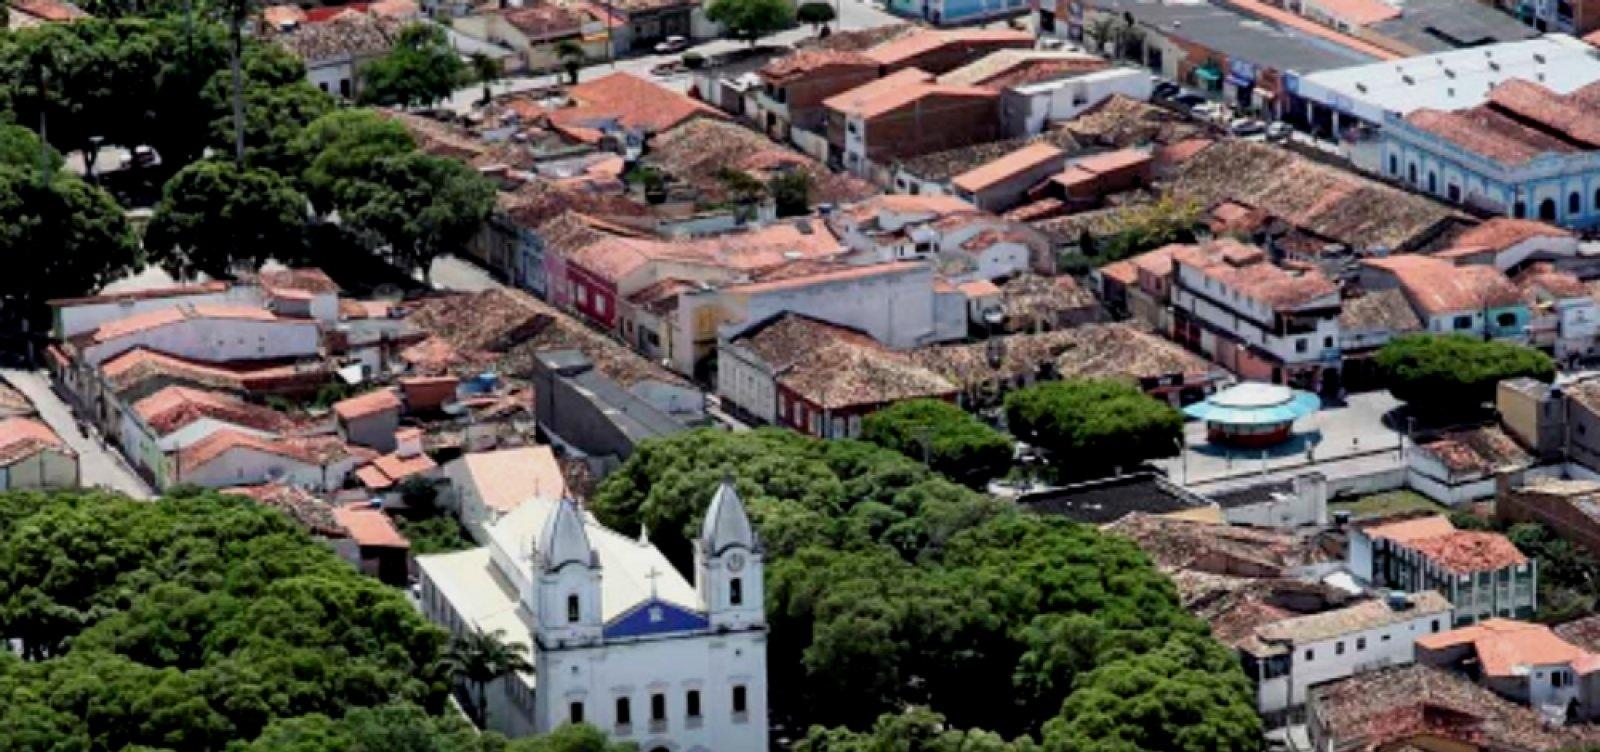 [Após acidente com 8 mortos, prefeitura de São Gonçalo cancela festejos juninos]